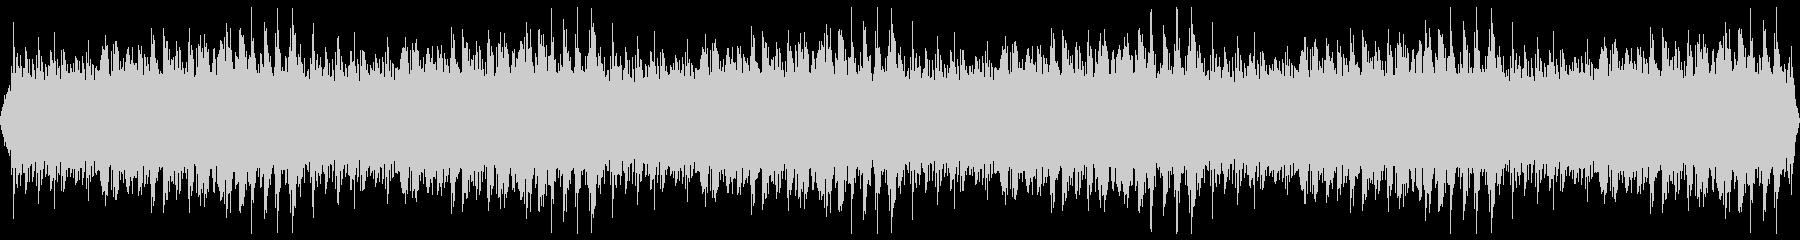 穏やかに折り重なるピアノのフレーズの未再生の波形